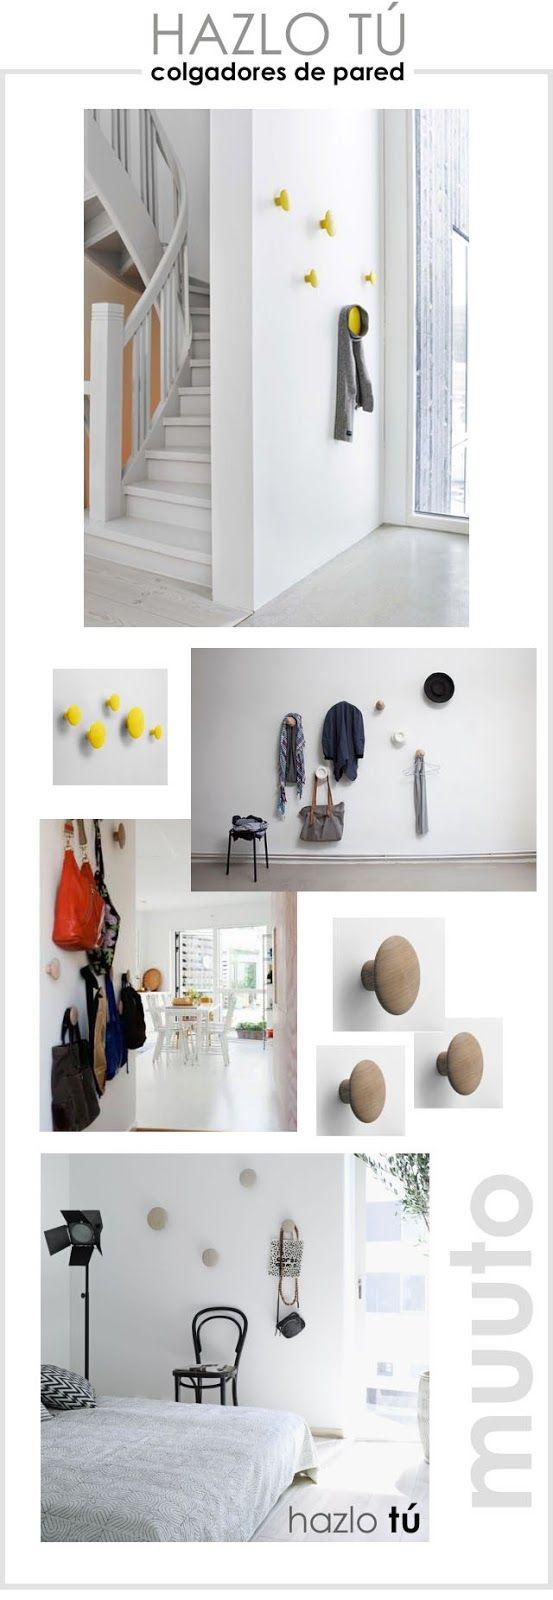 M s de 25 ideas incre bles sobre ganchos para llaves en for Ganchos adhesivos para pared